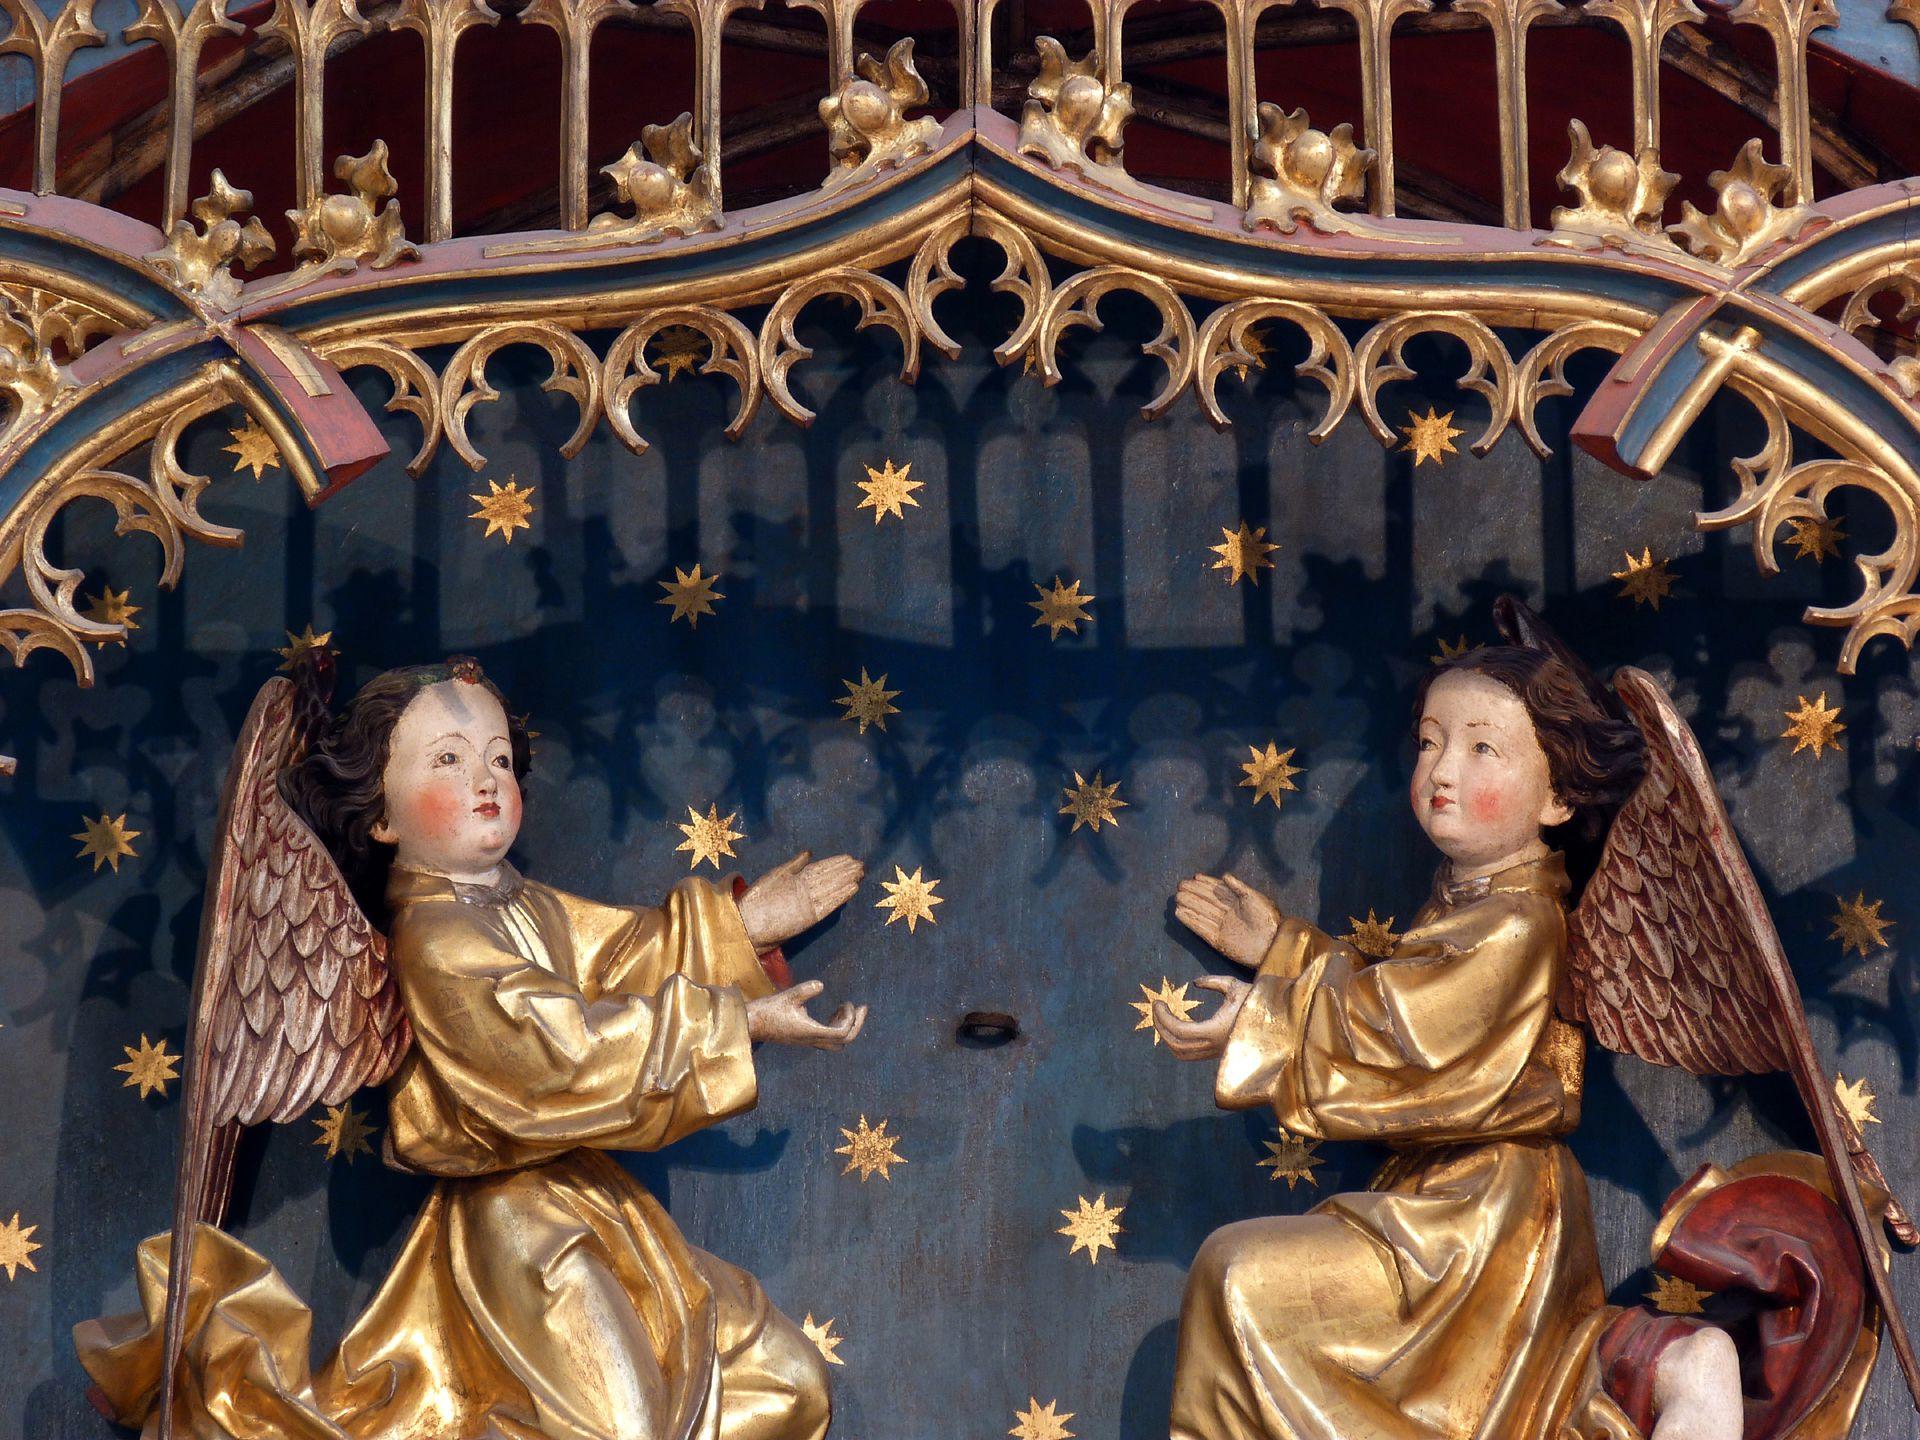 Petersaltar Schrein, Krönungsengel (die päpstliche Tiara, die sie trugen, ist in der Reformationszeit entfernt worden)